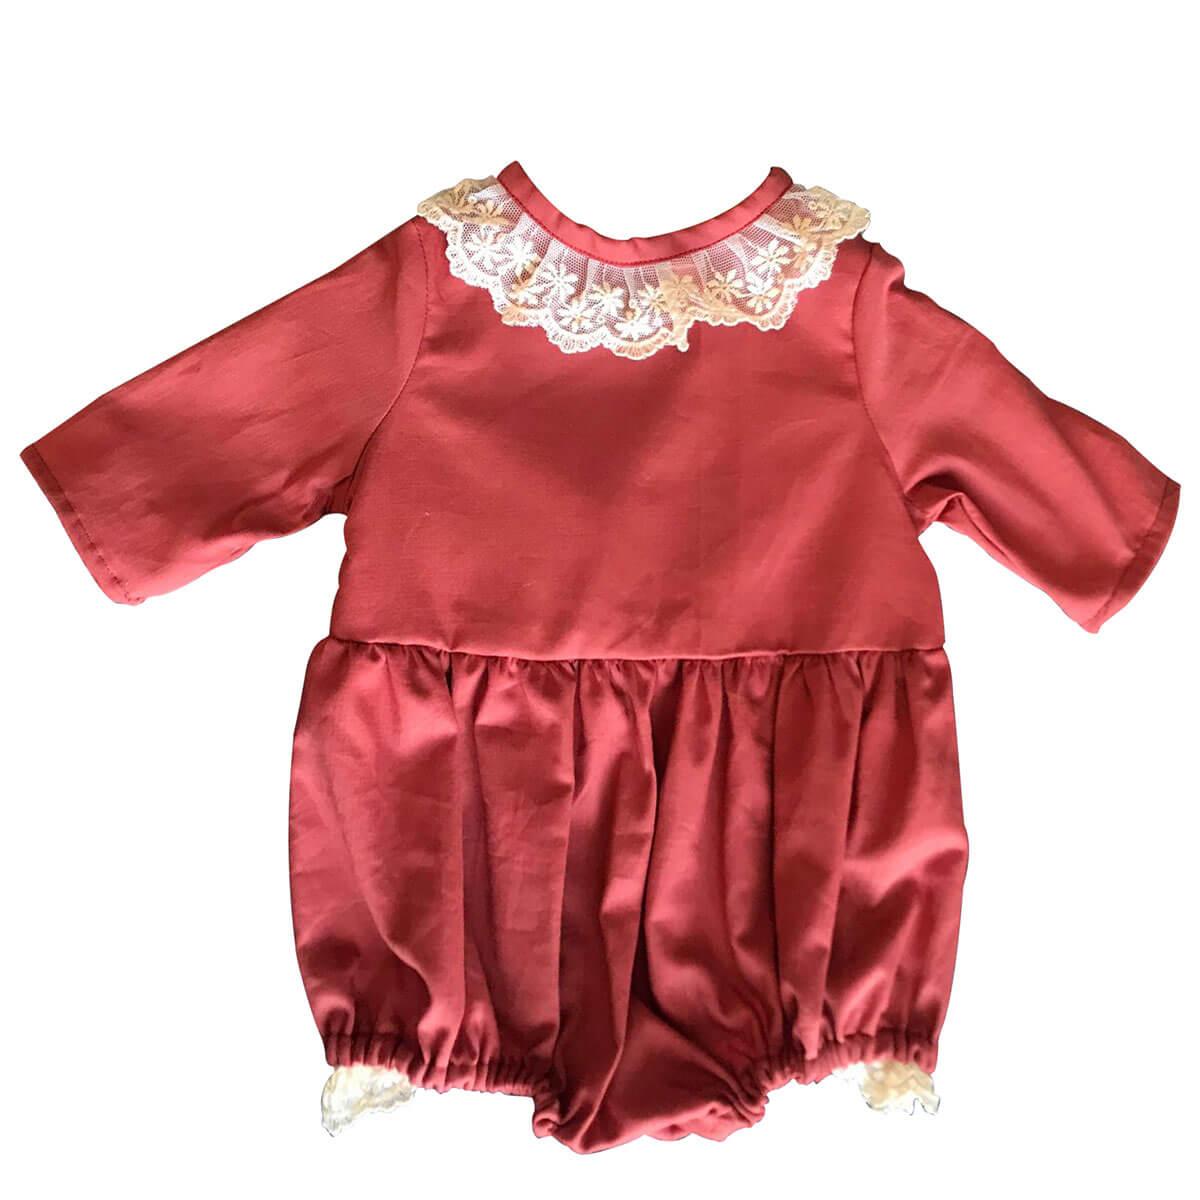 özel dikim bebek kıyafetleri